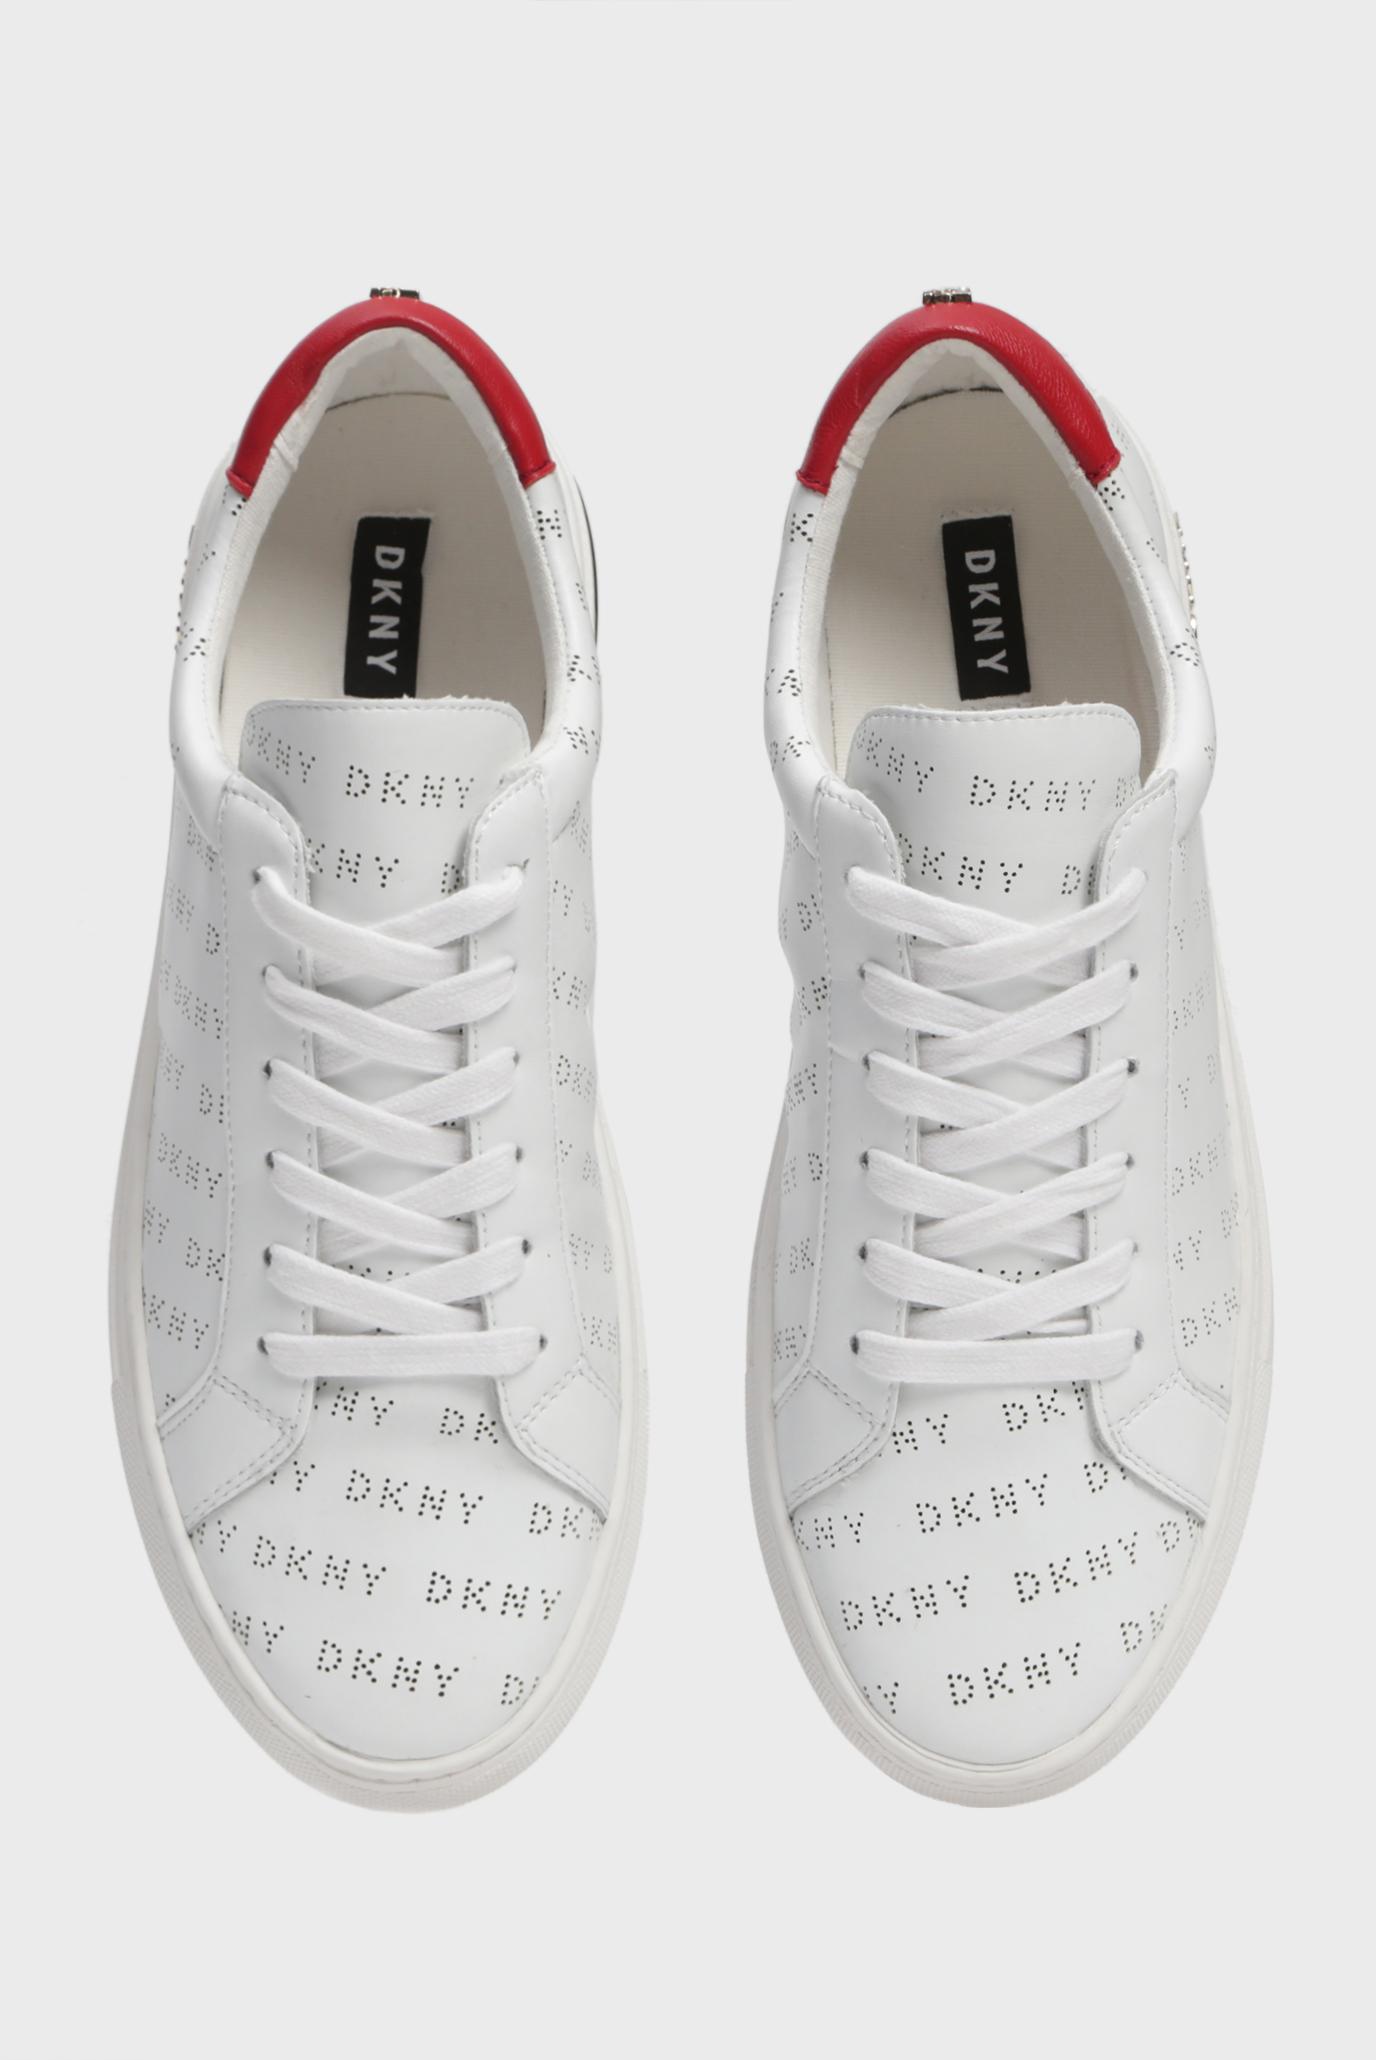 Купить Женские белые кожаные сникеры COURT DKNY DKNY K1944665 – Киев, Украина. Цены в интернет магазине MD Fashion